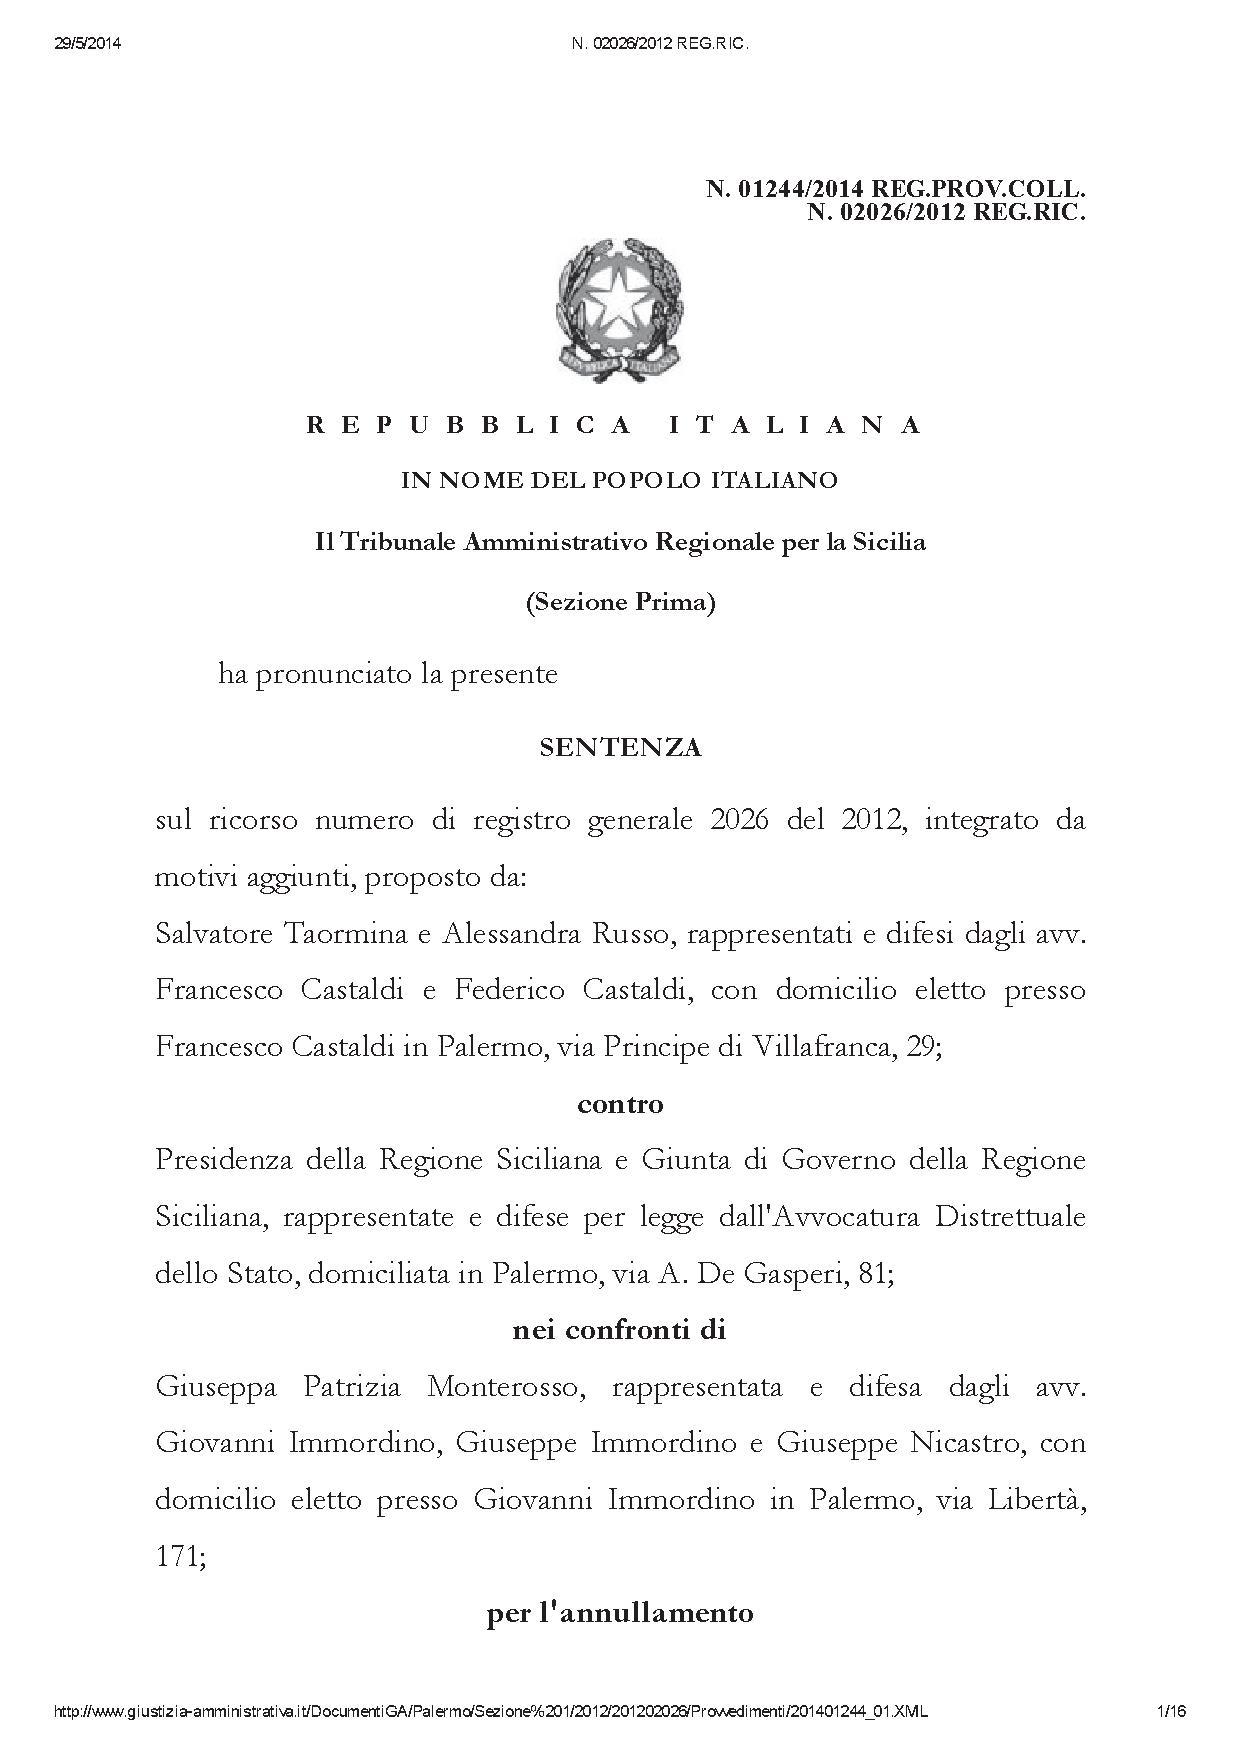 Dirigenti illegittimi - N. 02026_2012 REG.RIC